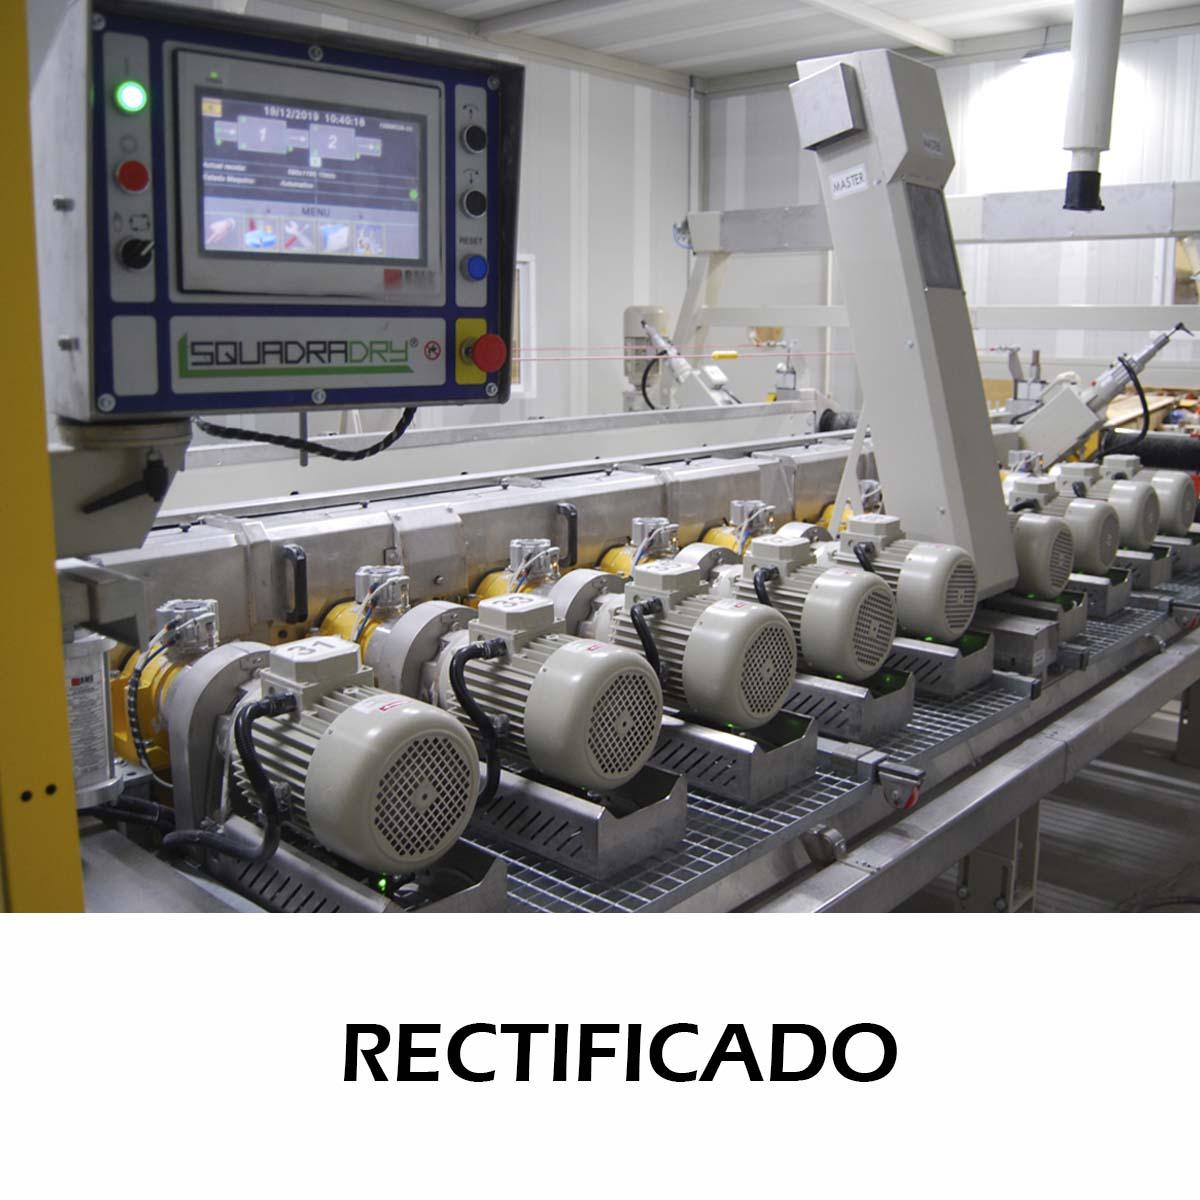 rectificado-maquinaria-cerámica-industra-cerámica